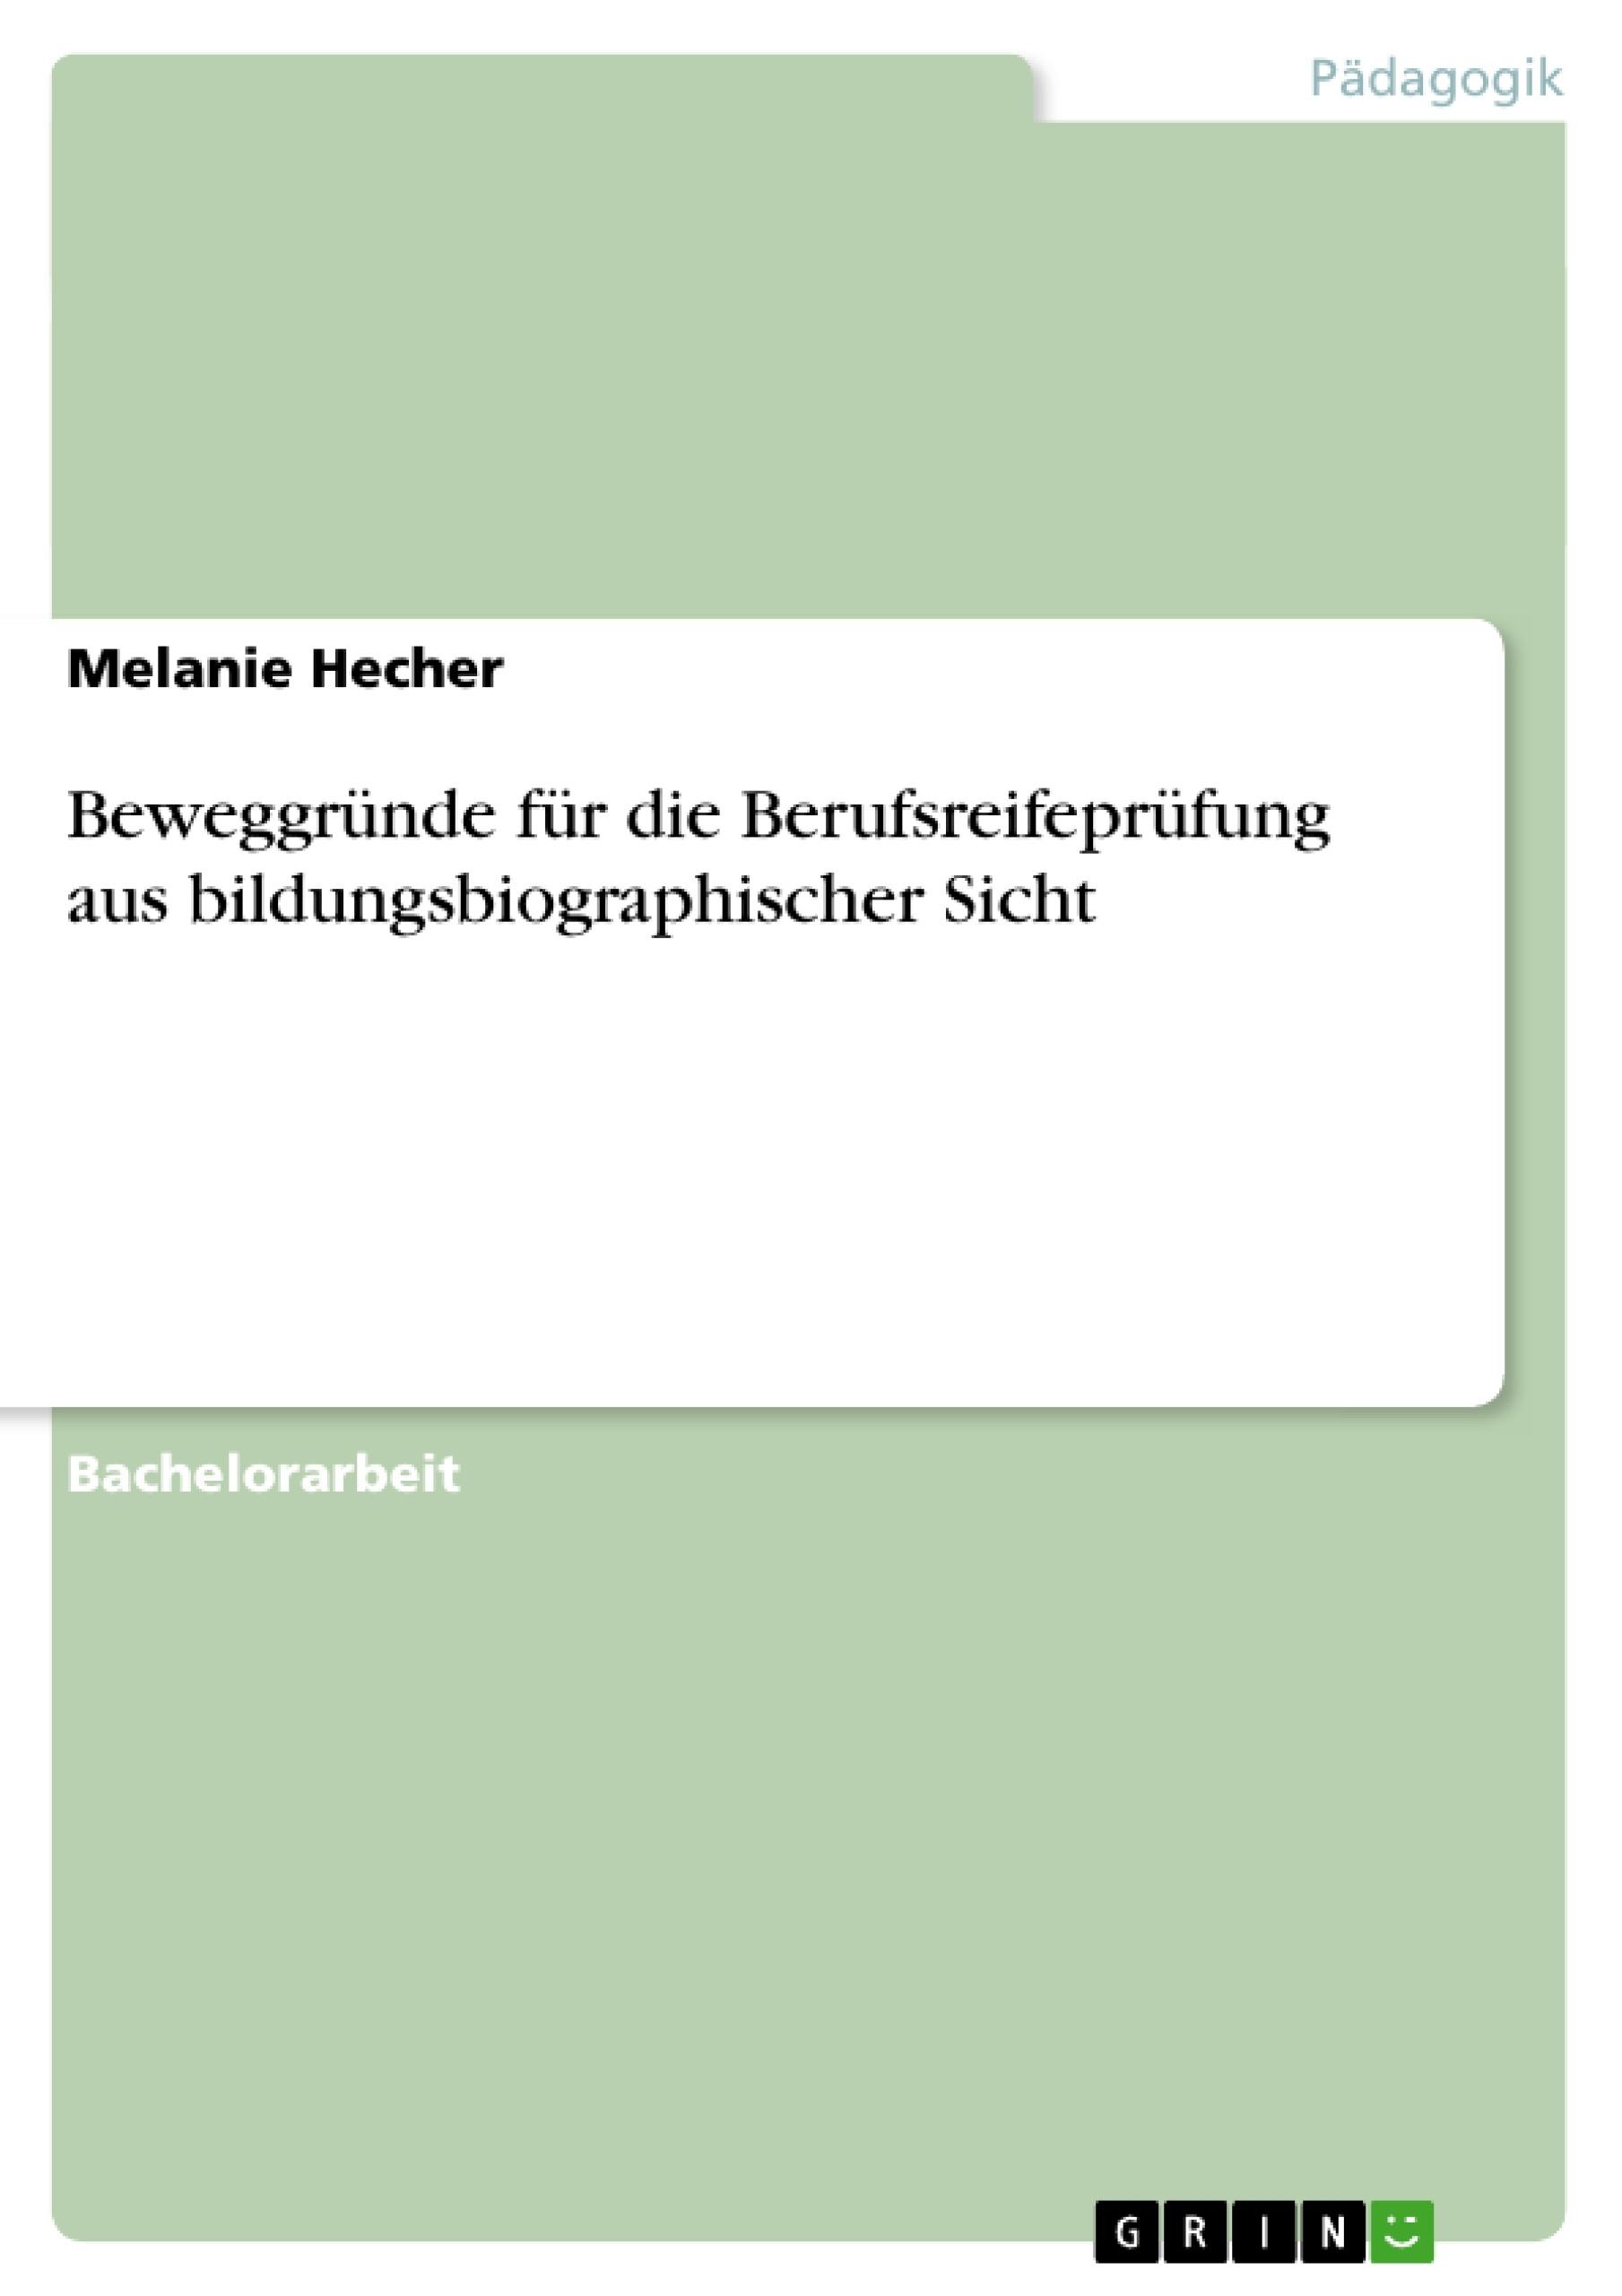 Titel: Beweggründe für die Berufsreifeprüfung aus bildungsbiographischer Sicht